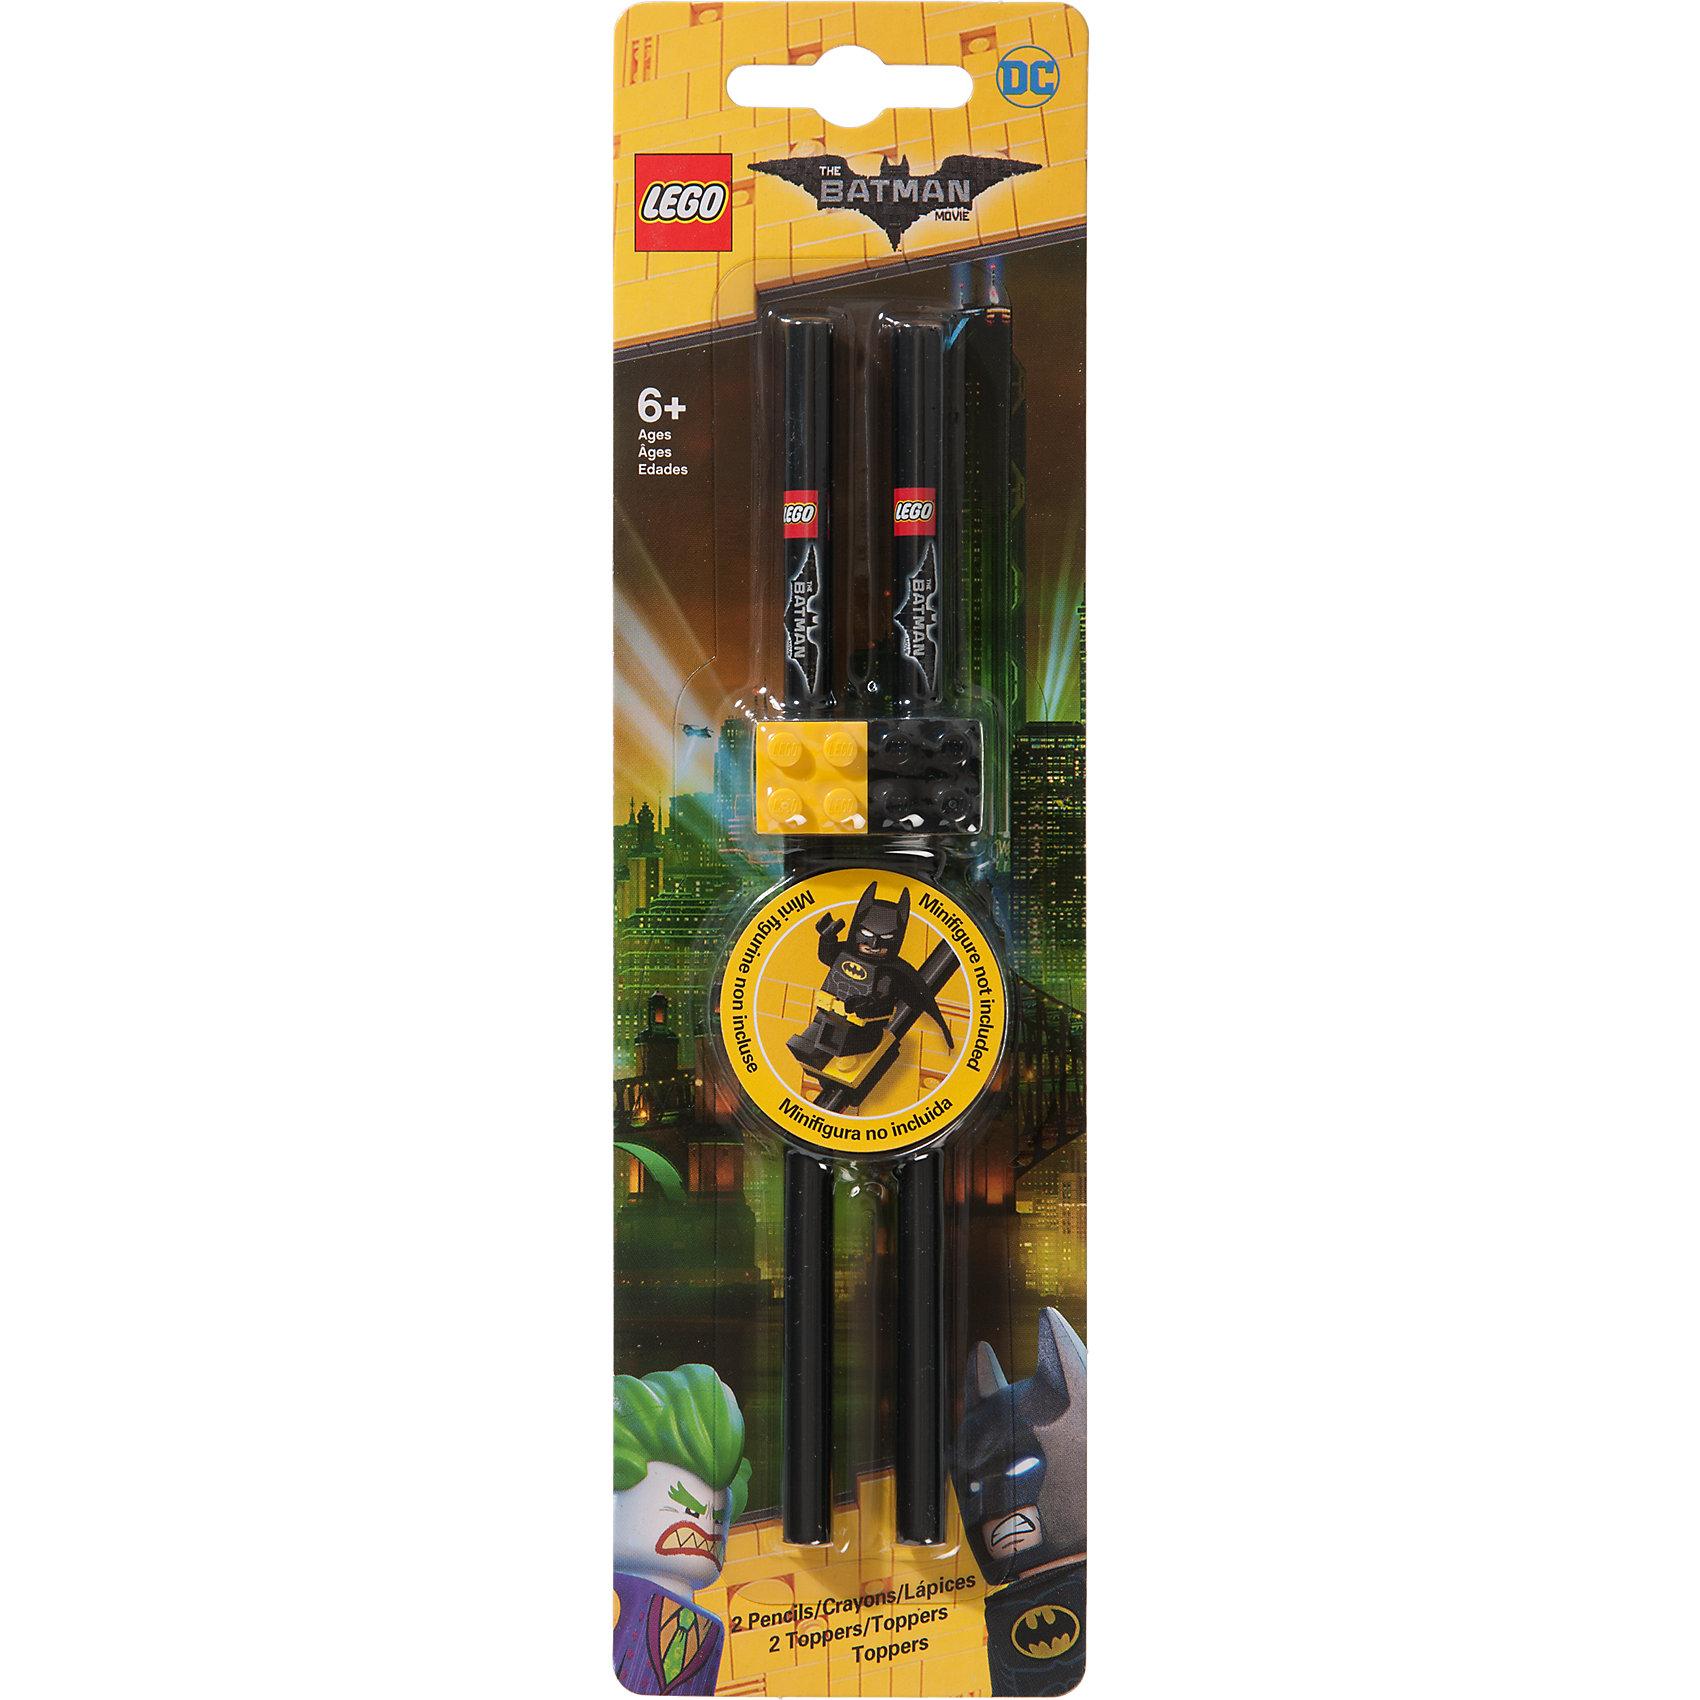 Набор карандашей с насадками в форме кирпичика, 2 шт., LEGOНабор состоит из 2-х карандашей с твёрдо-мягким грифелем и 2-х насадок (топперов) в форме кирпичика LEGO.<br><br>Ширина мм: 248<br>Глубина мм: 73<br>Высота мм: 20<br>Вес г: 31<br>Возраст от месяцев: 60<br>Возраст до месяцев: 144<br>Пол: Мужской<br>Возраст: Детский<br>SKU: 5087606